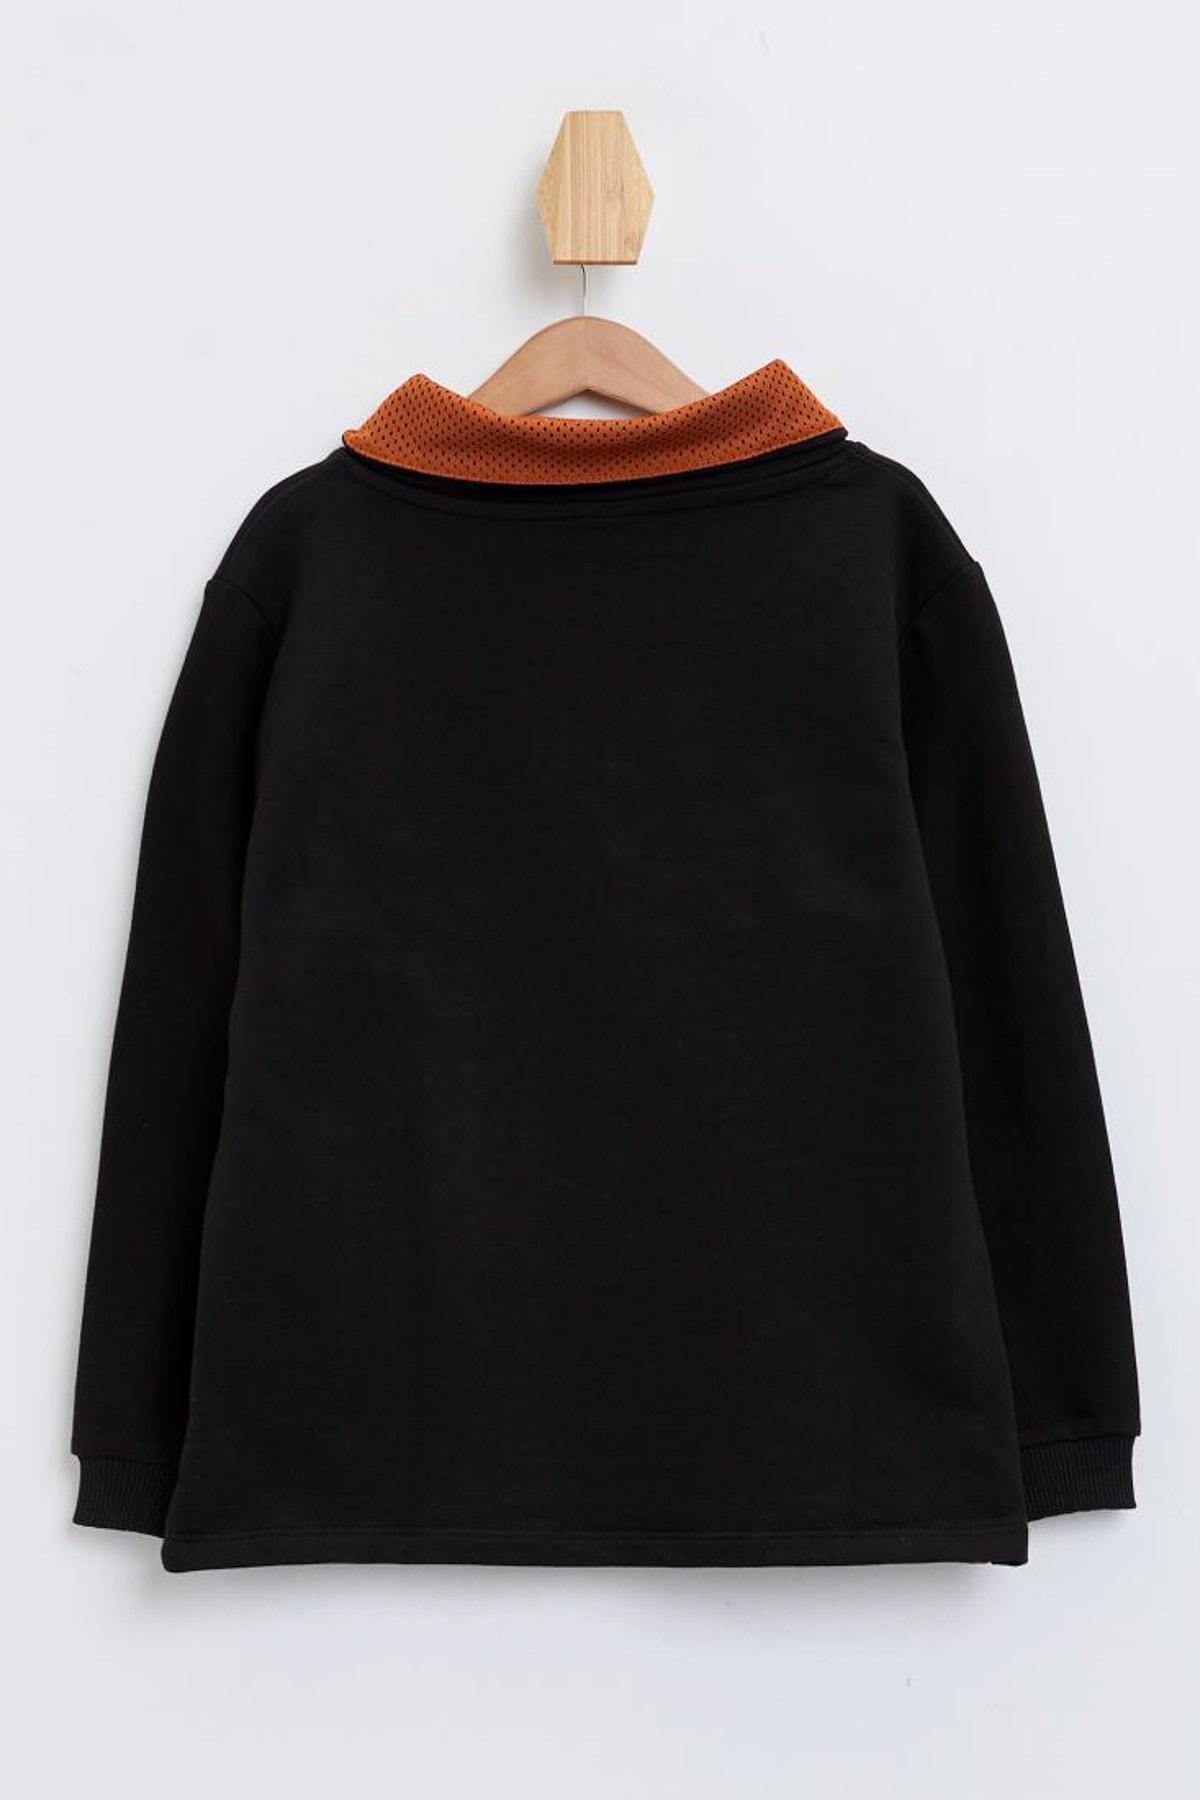 Defacto Degaje Yaka Baskılı Sweatshirt